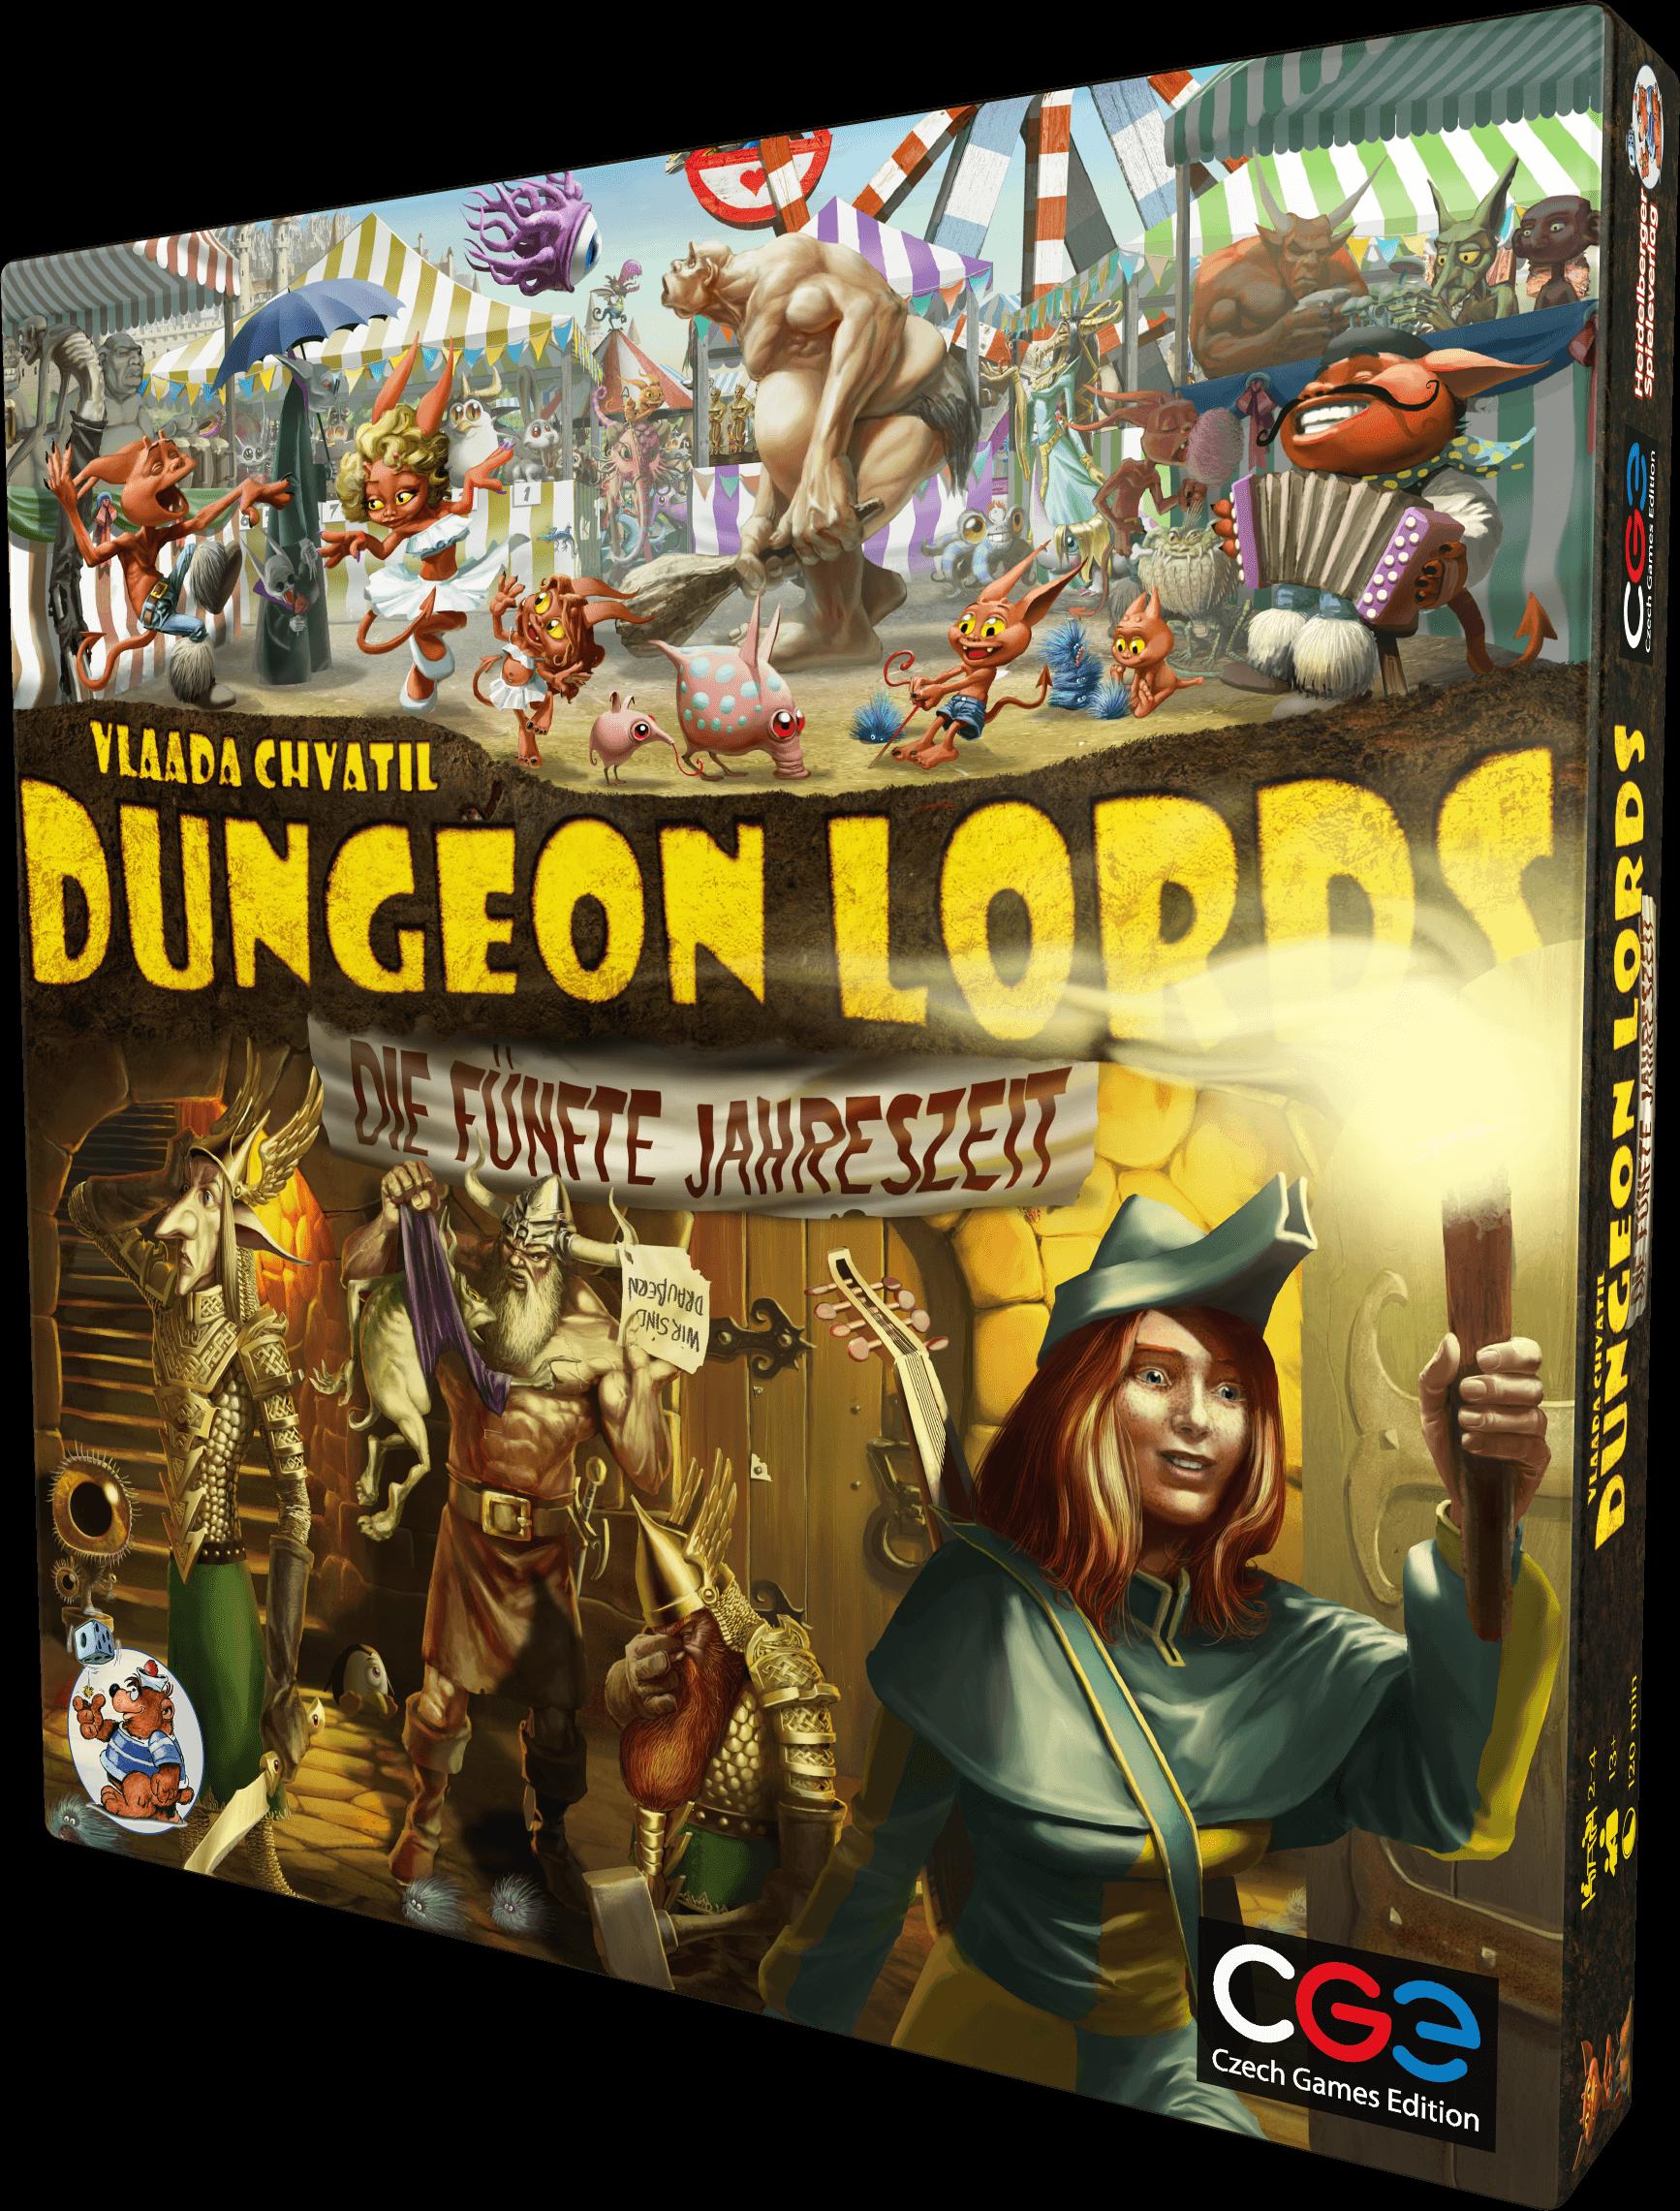 dungeon lords die fünfte jahreszeit box